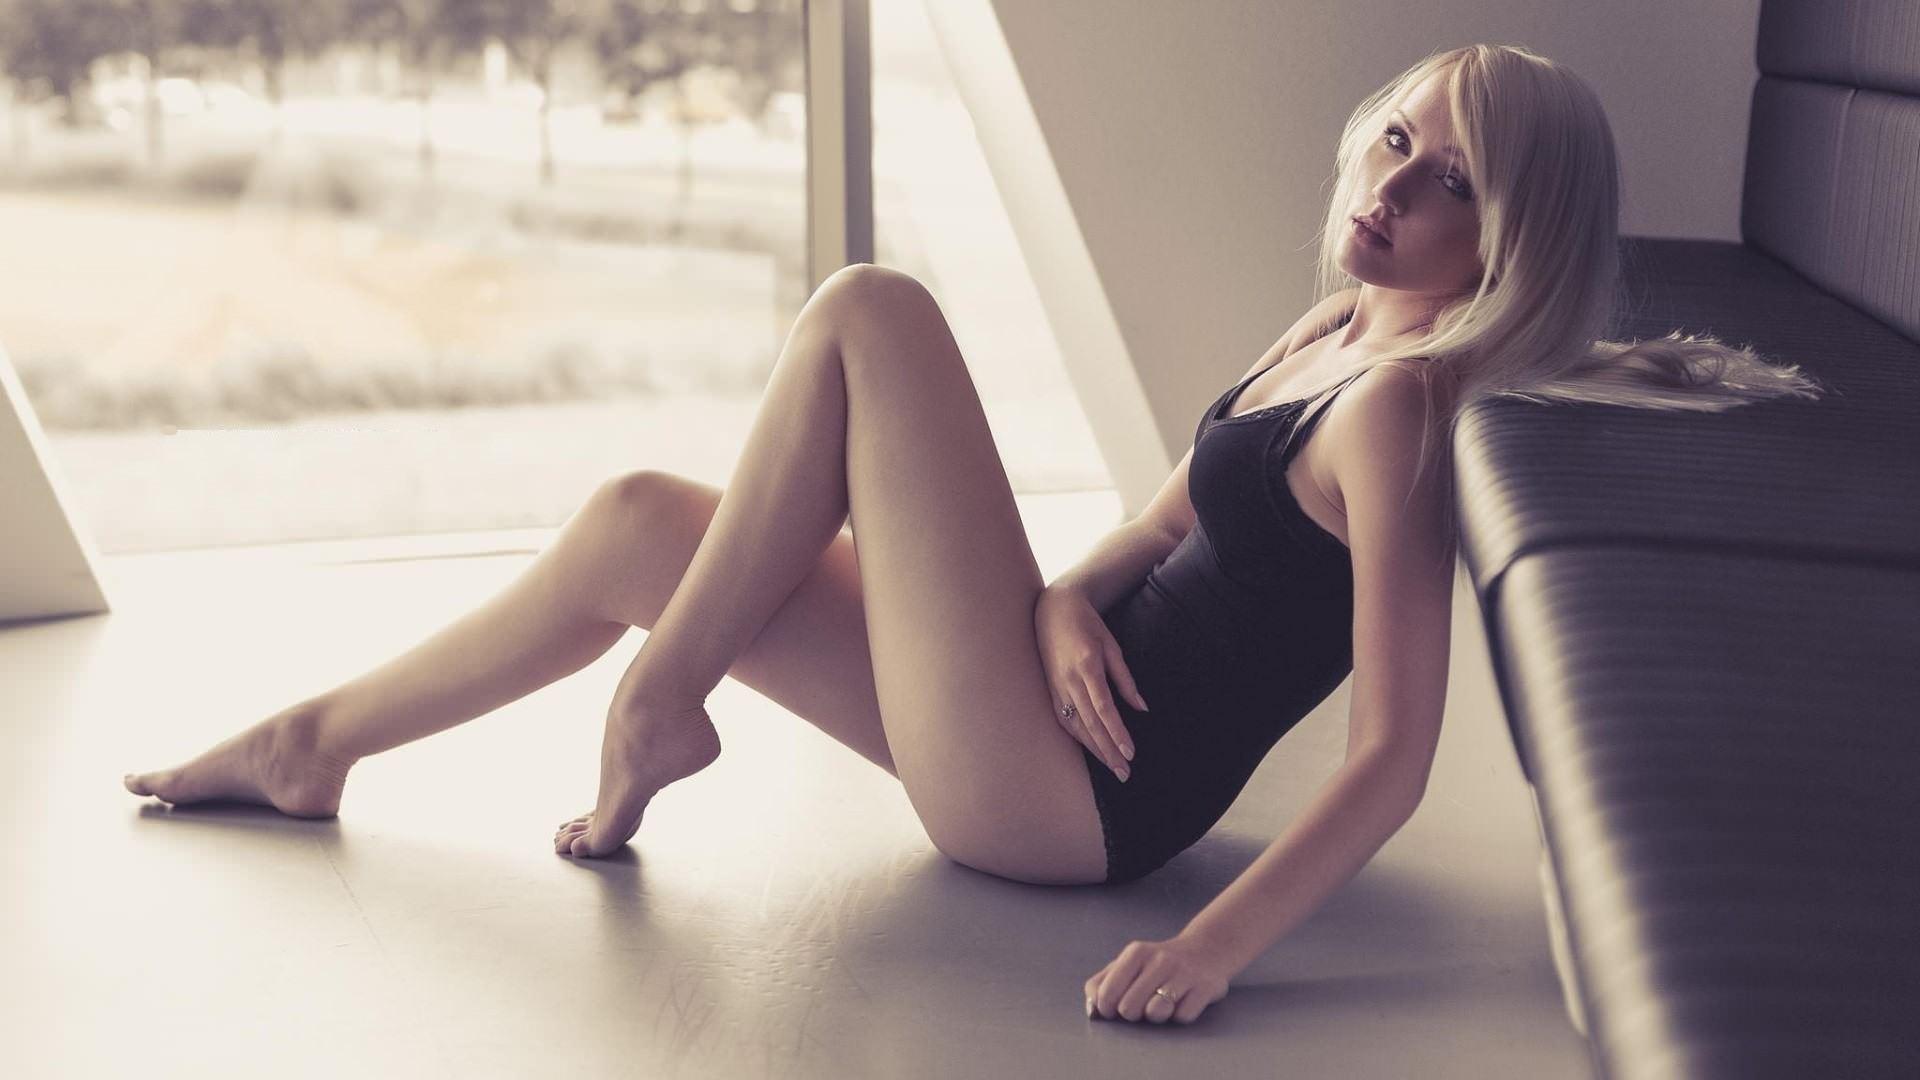 Фото Блондинка в черном купальнике на полу, сексуальные ножки, скачать картинку бесплатно